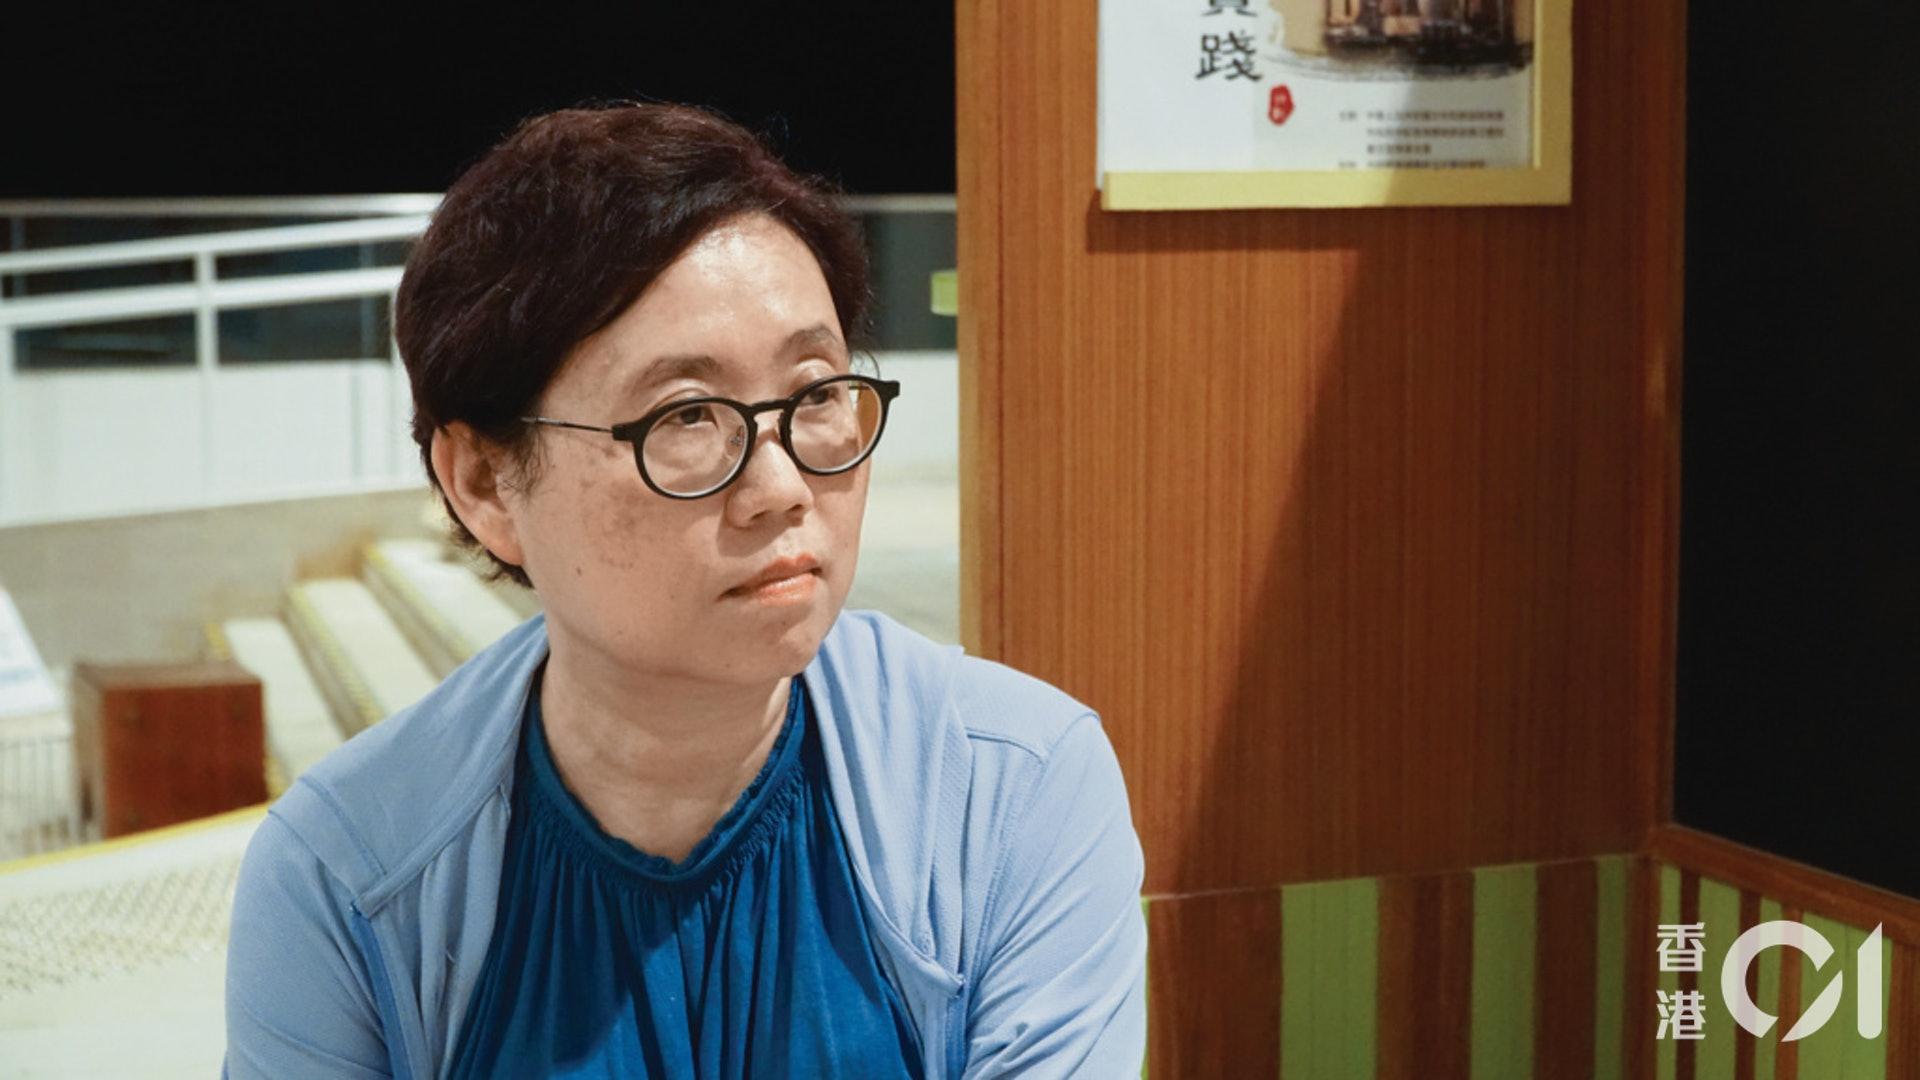 藍宇喬感嘆說,由林鄭出任社署署長開始,社福界早已對她的施政沒有期望。(李耀宗攝)